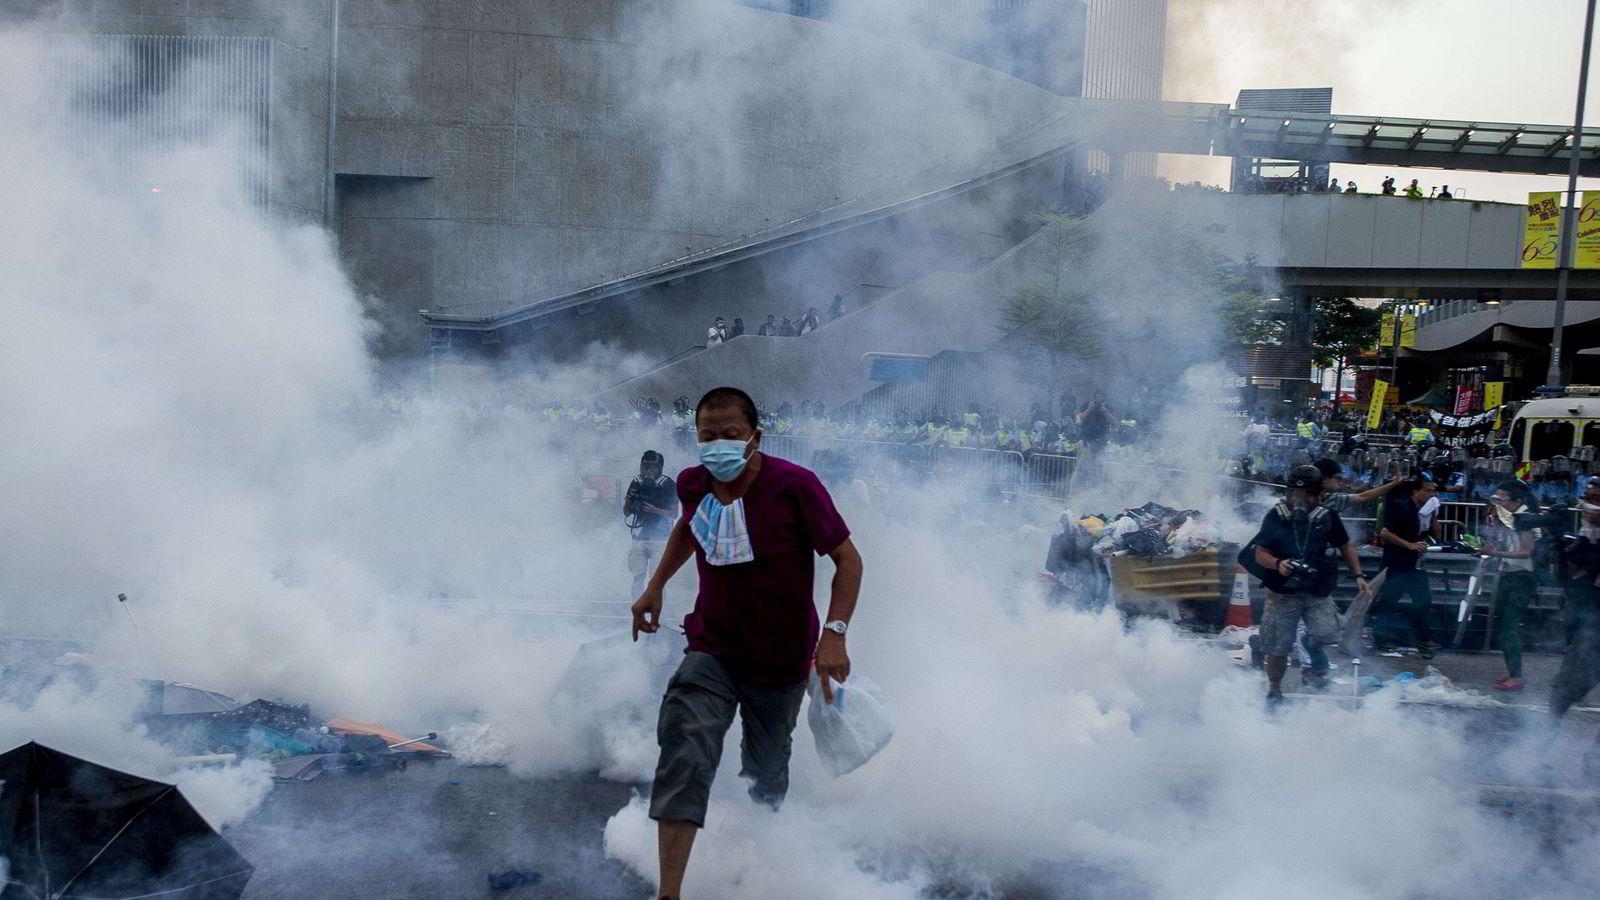 Politiet brukte søndag tåregass mot demonstrantene i Hong Kong. Foto:  AFP PHOTO / XAUME OLLEROS/NTB SCANPIX.